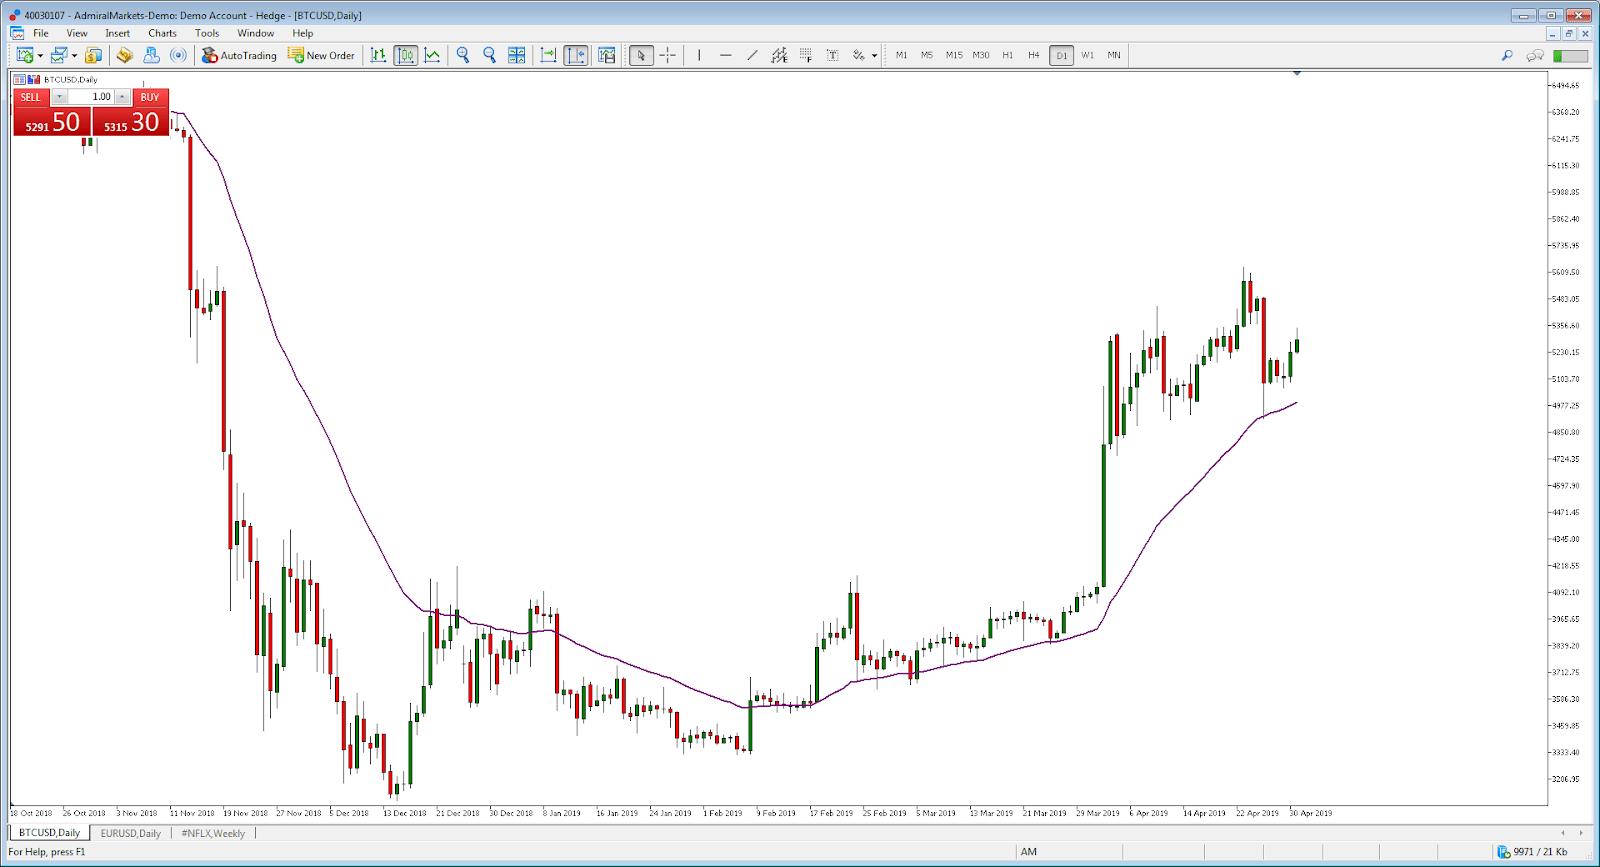 Cum să tranzacționați aur: Top Strategii de comercializare a aurului și sfaturi